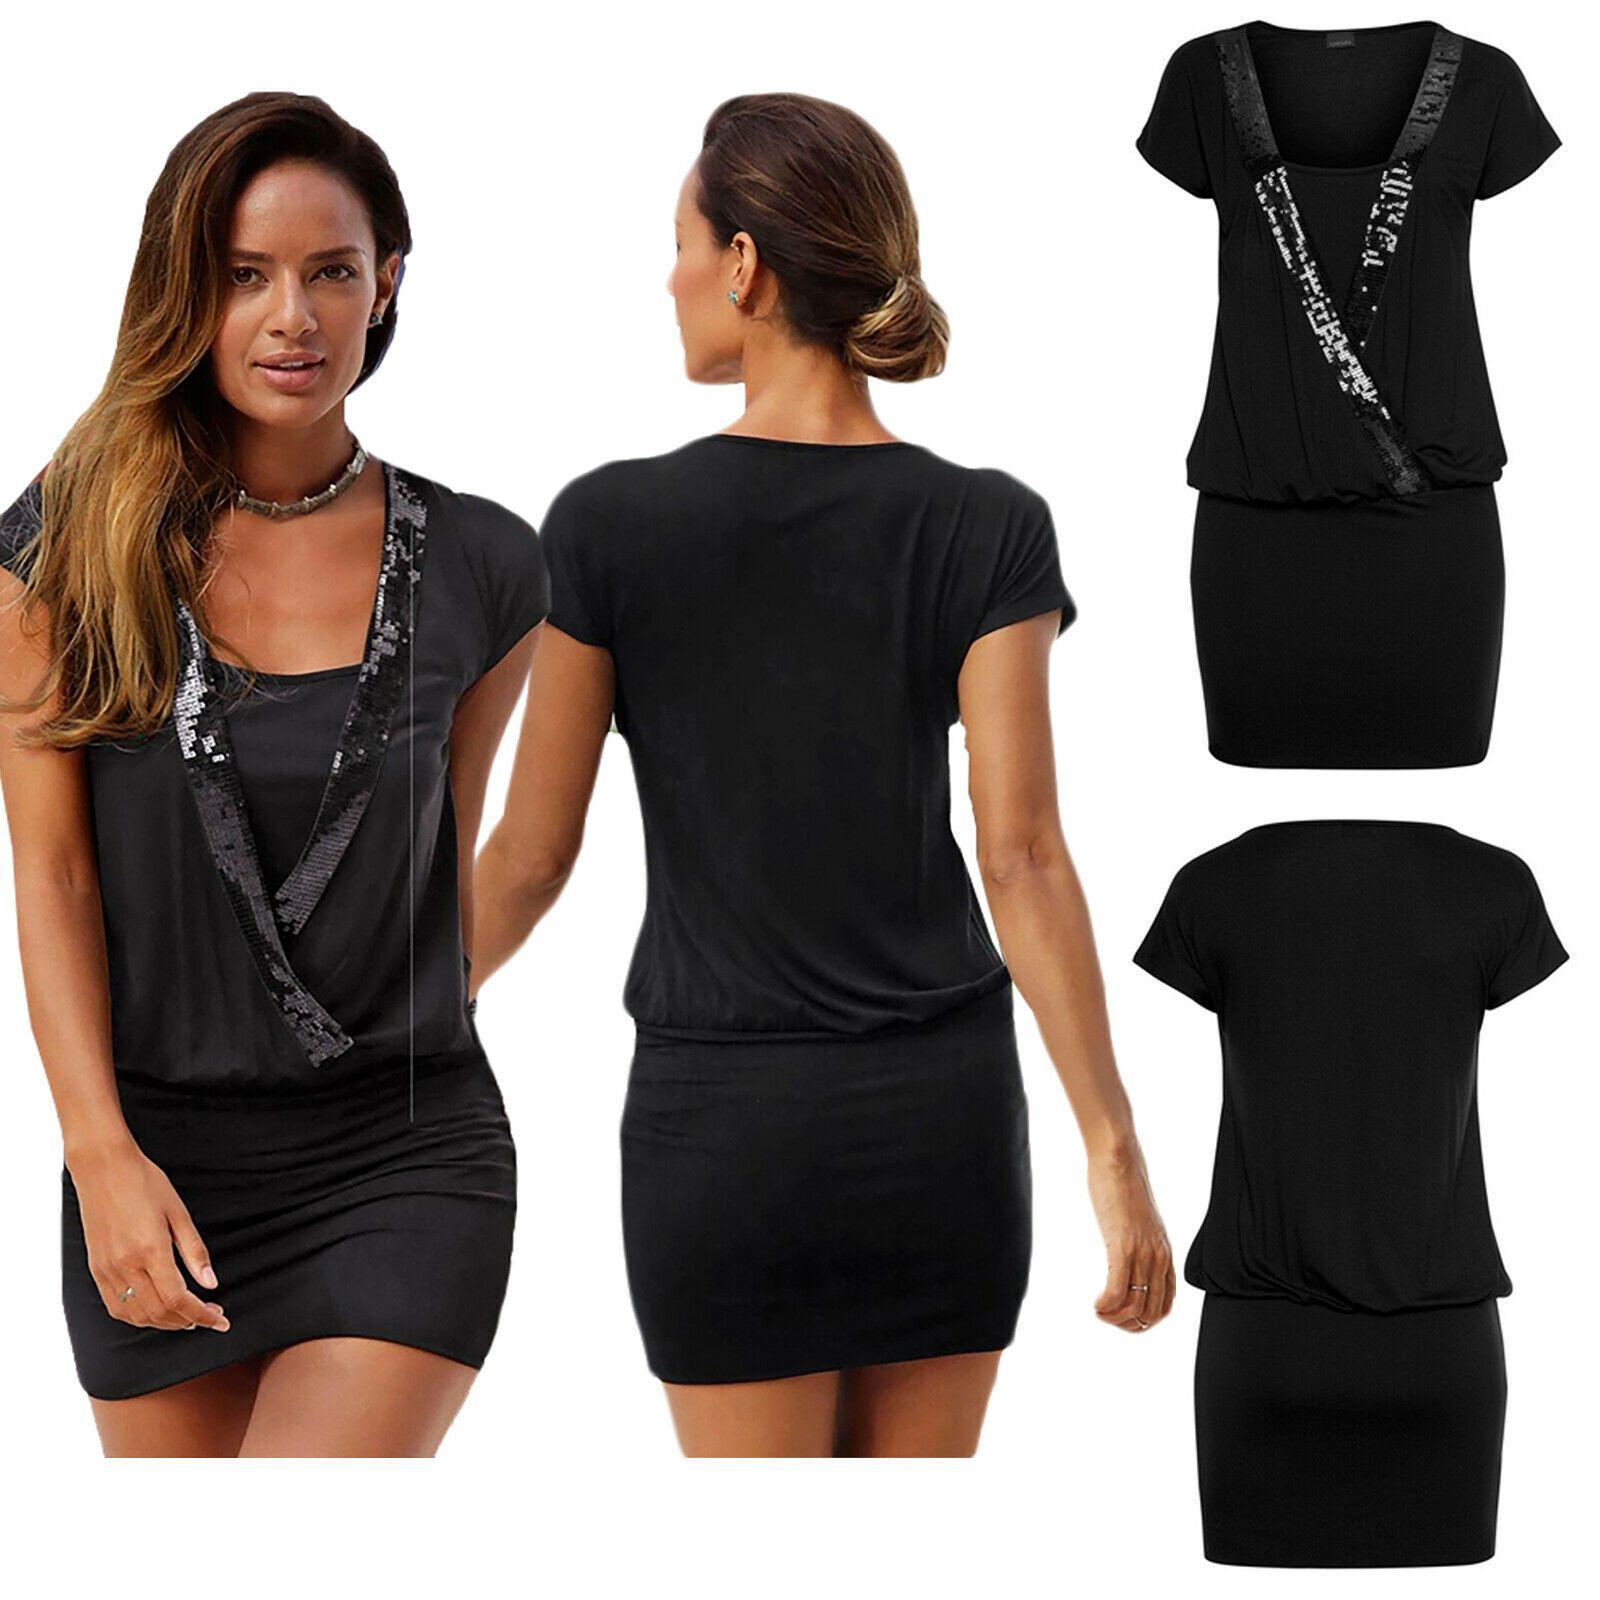 Neu Schößchen Fest Kleid Party Minikleid Pailletten Abendkleid Schwarz 34 36 38